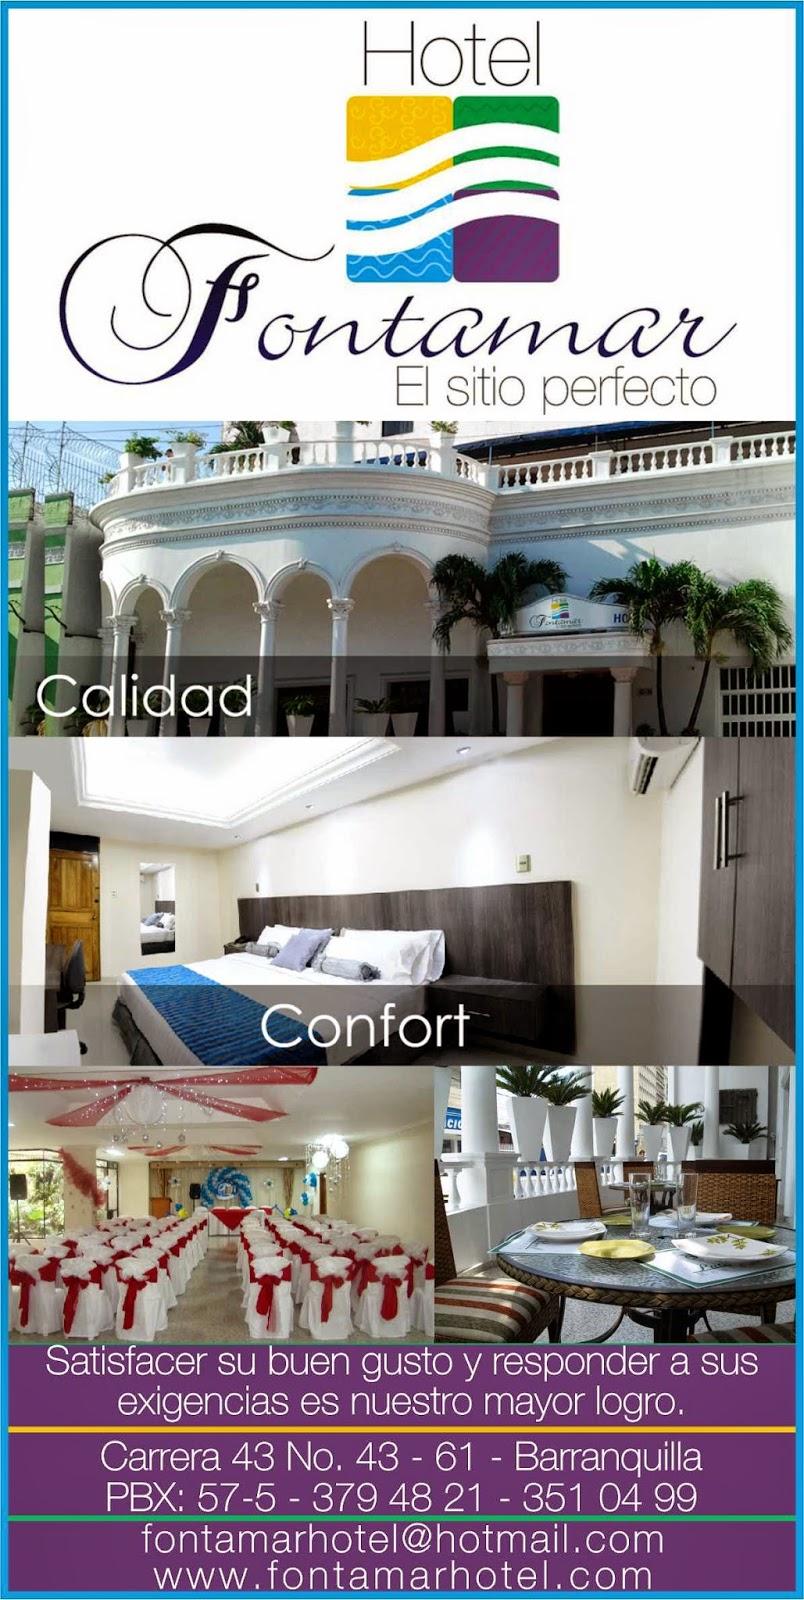 hotel_fontamar_barranquilla_vamosenmovimiento.blogspot.com_1.jpg